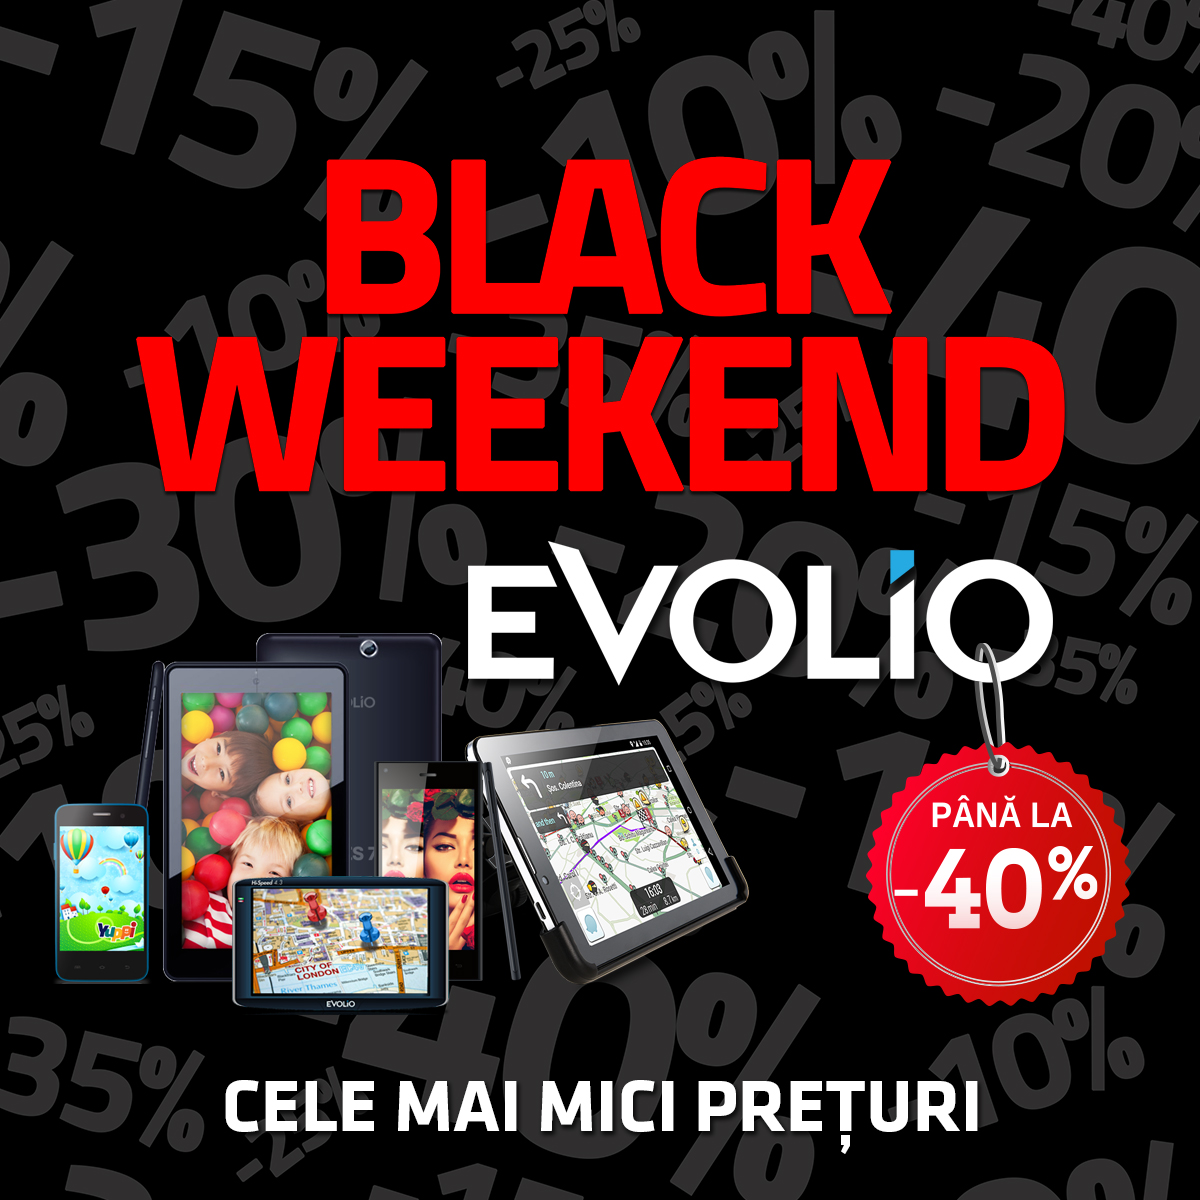 Weekend-ul acesta, Black is back, doar la Evolio